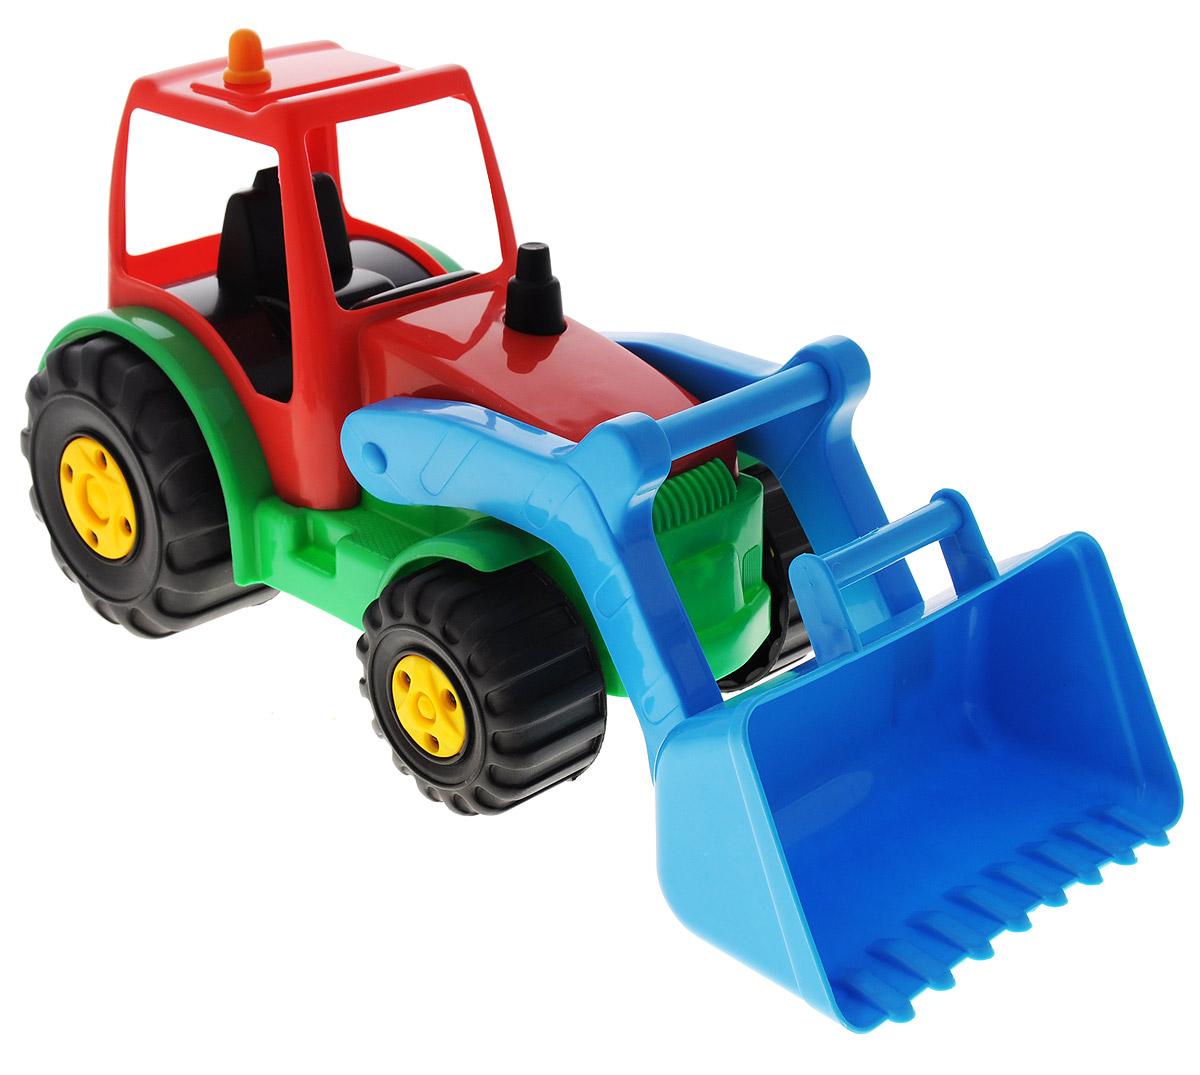 AVC Игрушка Трактор цвет красный голубой01/5191_красный, голубойЯркая игрушка AVC Трактор, изготовленная из прочного безопасного пластика в виде трактора, отлично подойдет ребенку для различных игр. Трактор оснащен большим подвижным ковшом, с помощью которого можно перемещать различные материалы (камни, песок, строительный мусор). В просторную кабину можно поместить небольшую игрушку. Большие крутящиеся колеса обеспечивают игрушке устойчивость и хорошую проходимость. Ваш ребенок непременно обрадуется новому транспорту в своем игрушечном автопарке. Порадуйте его таким замечательным подарком!